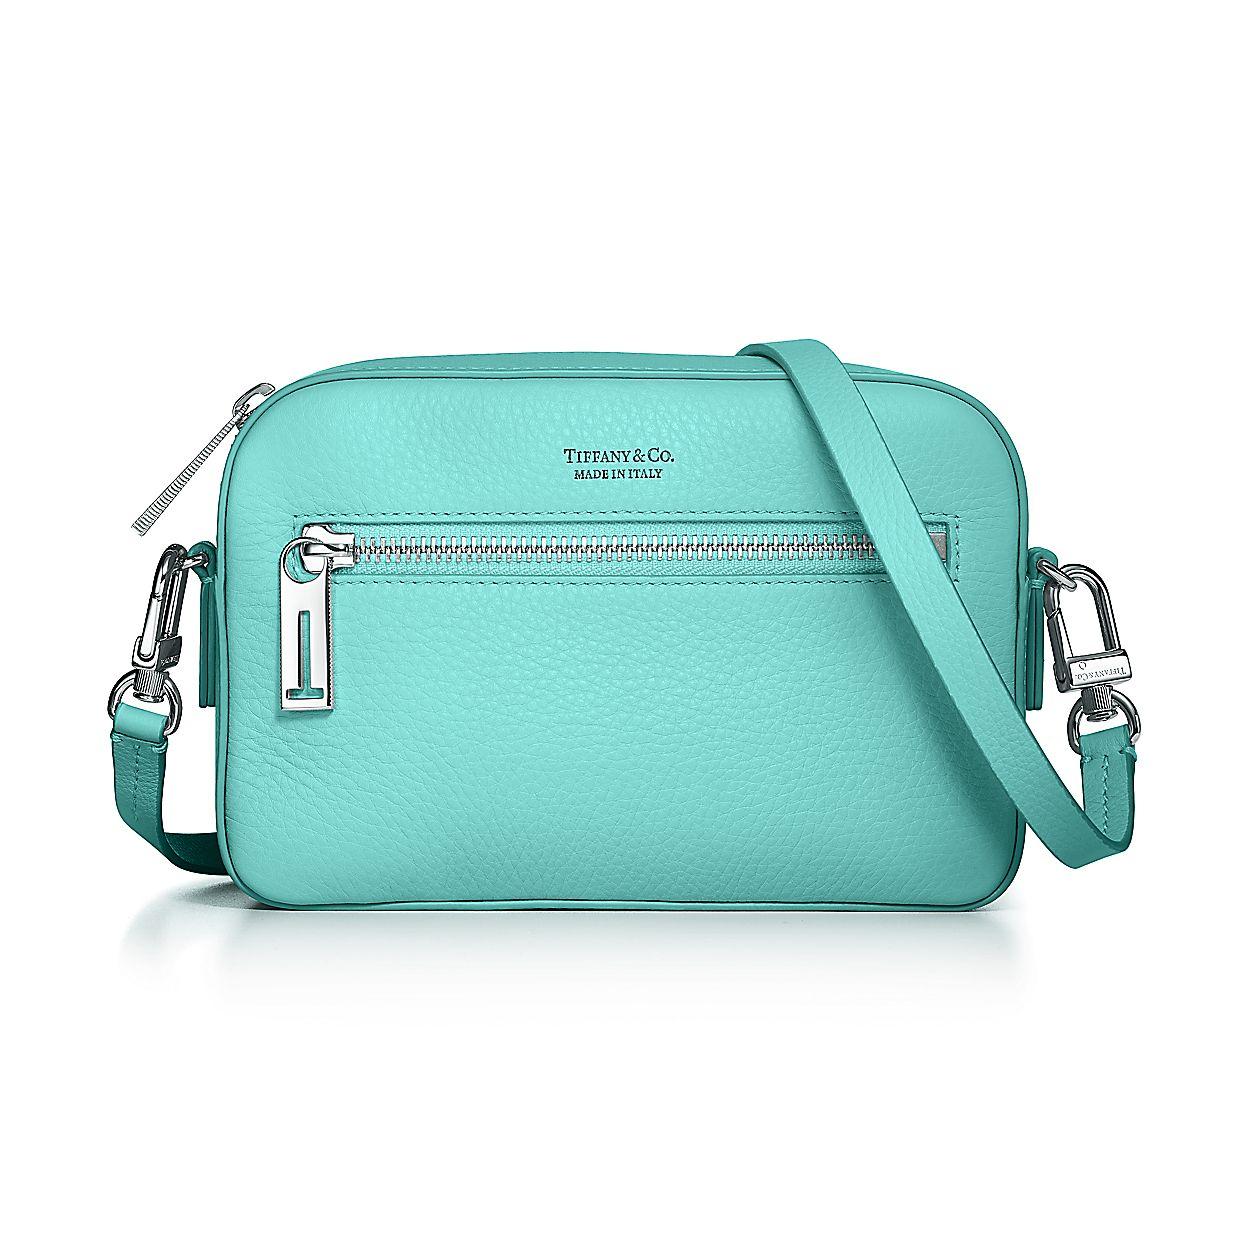 Borse Tiffany.Borsa A Tracolla In Pelle Di Vitello Fiore Tiffany Blue Tiffany Co